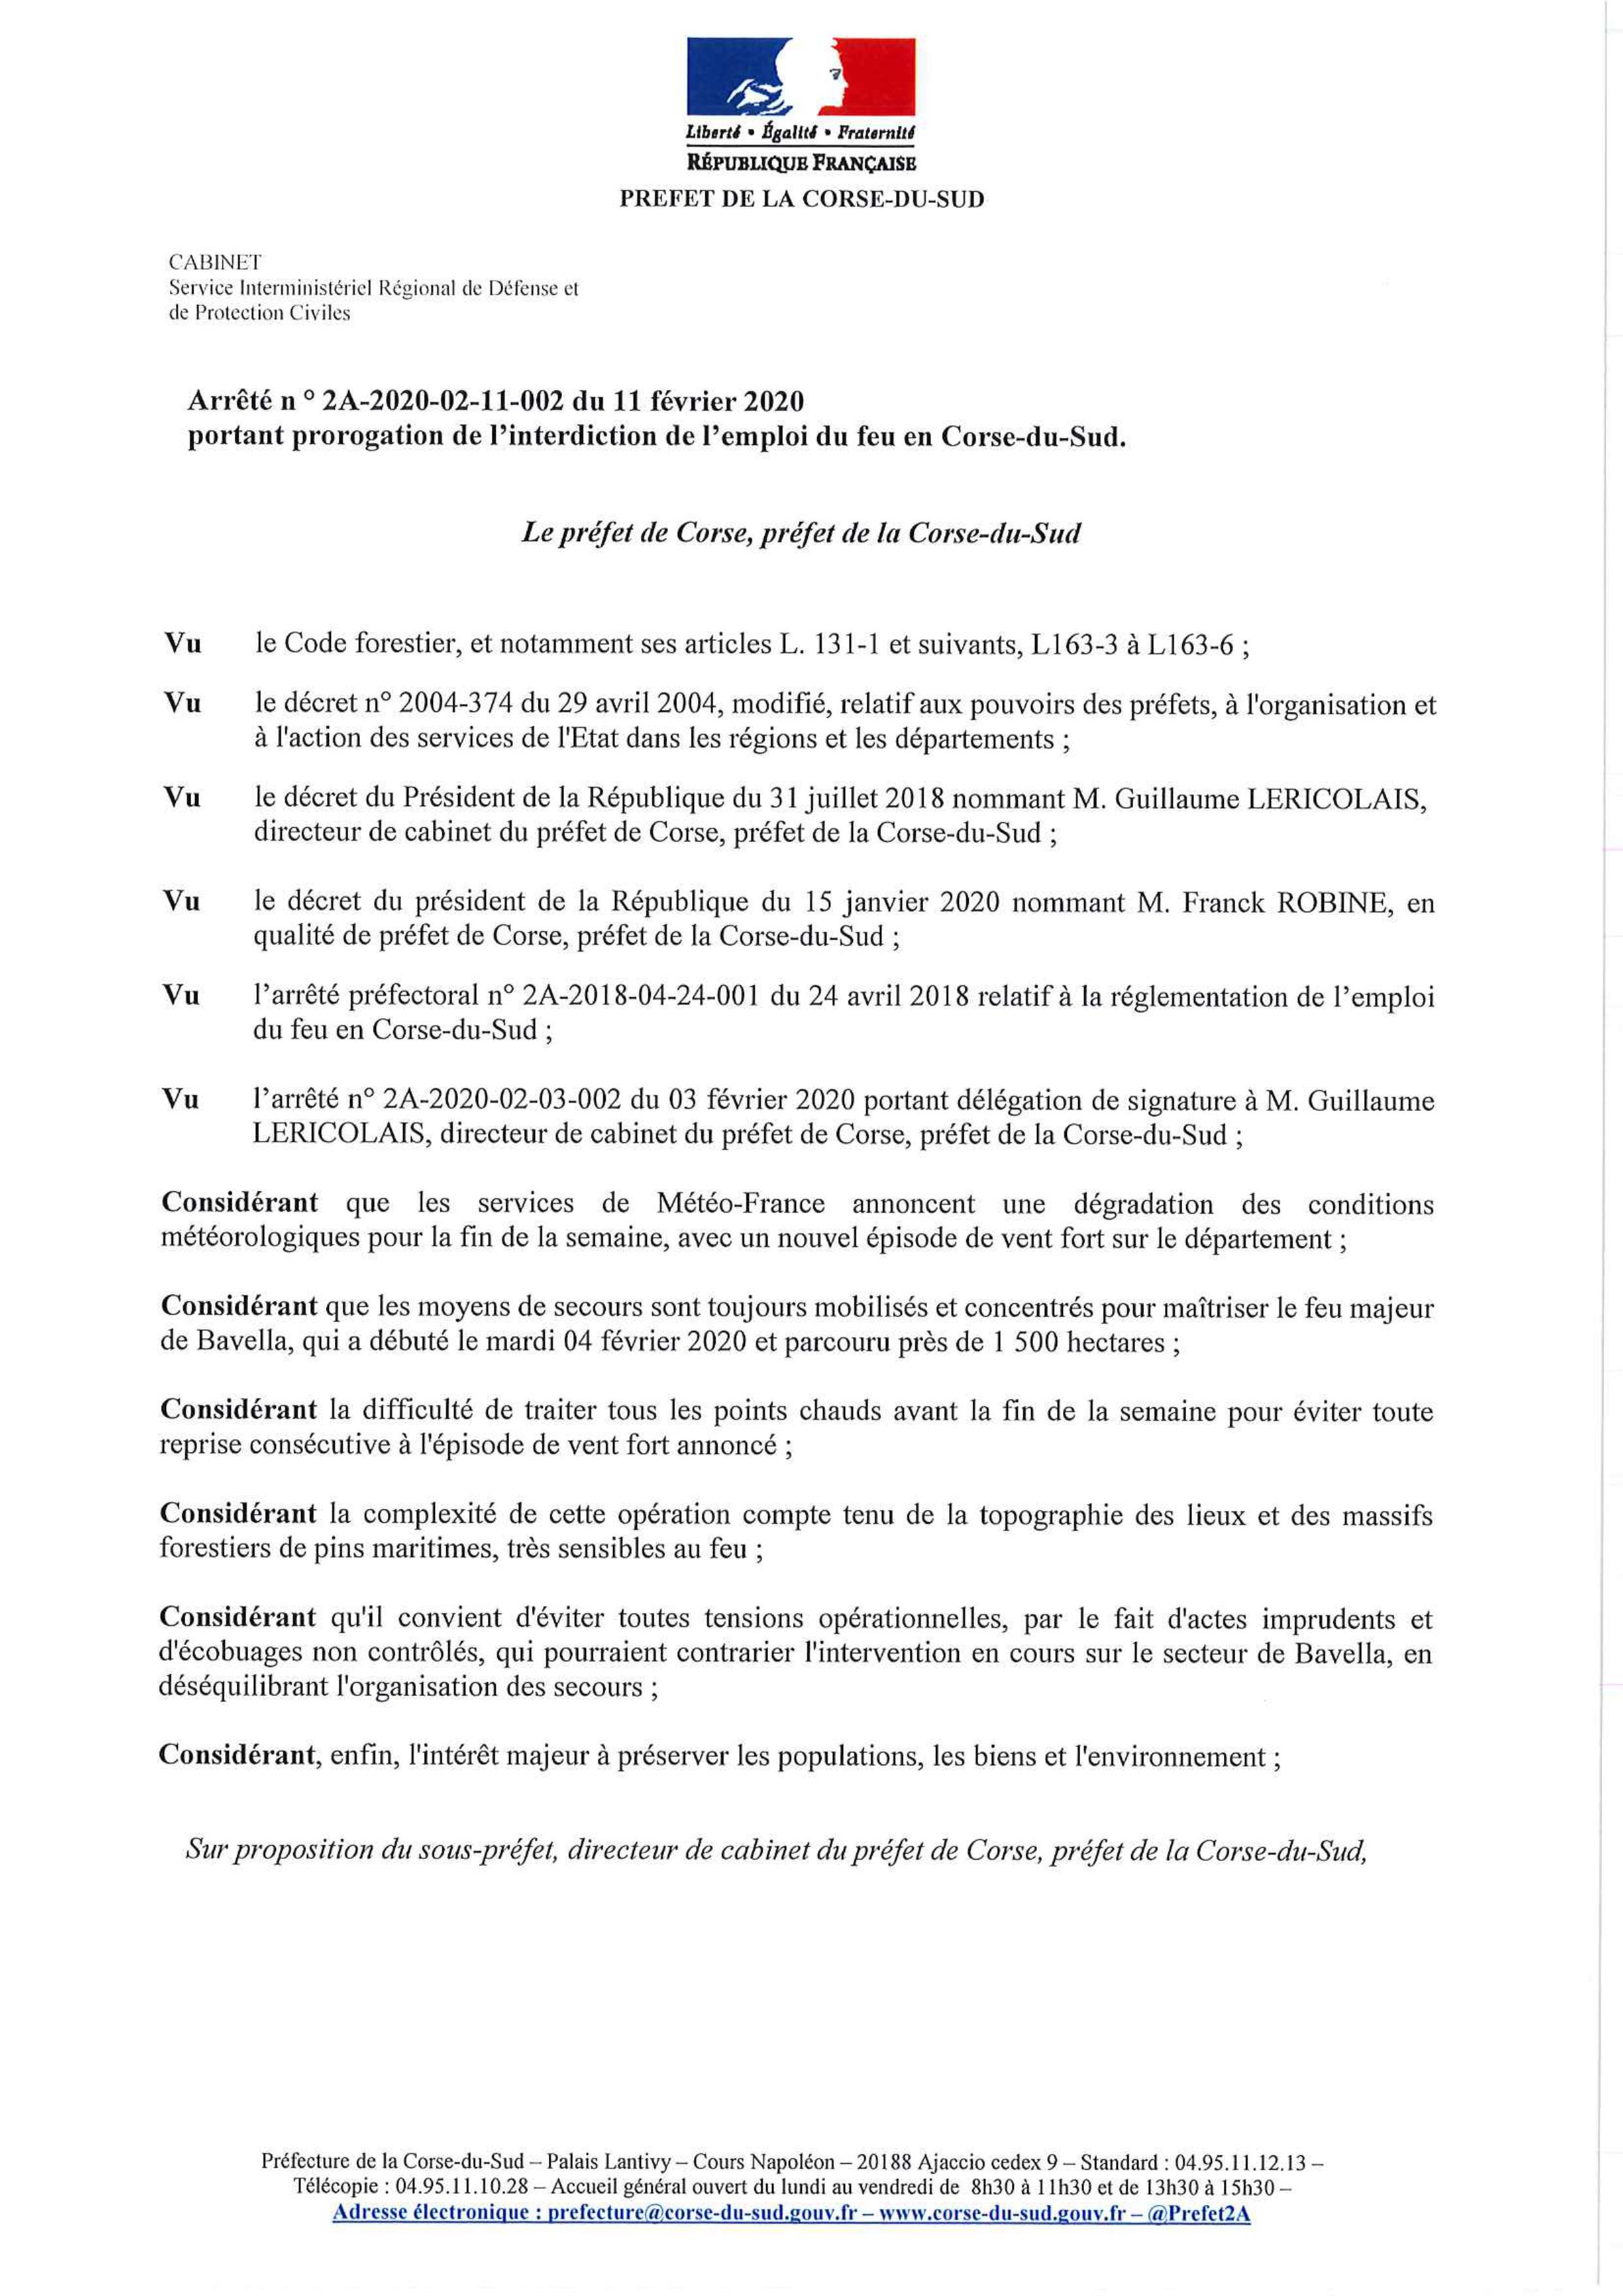 ARRÊTÉ PRÉFECTORAL : EMPLOI DU FEU INTERDIT JUSQU'AU 17 FEVRIER